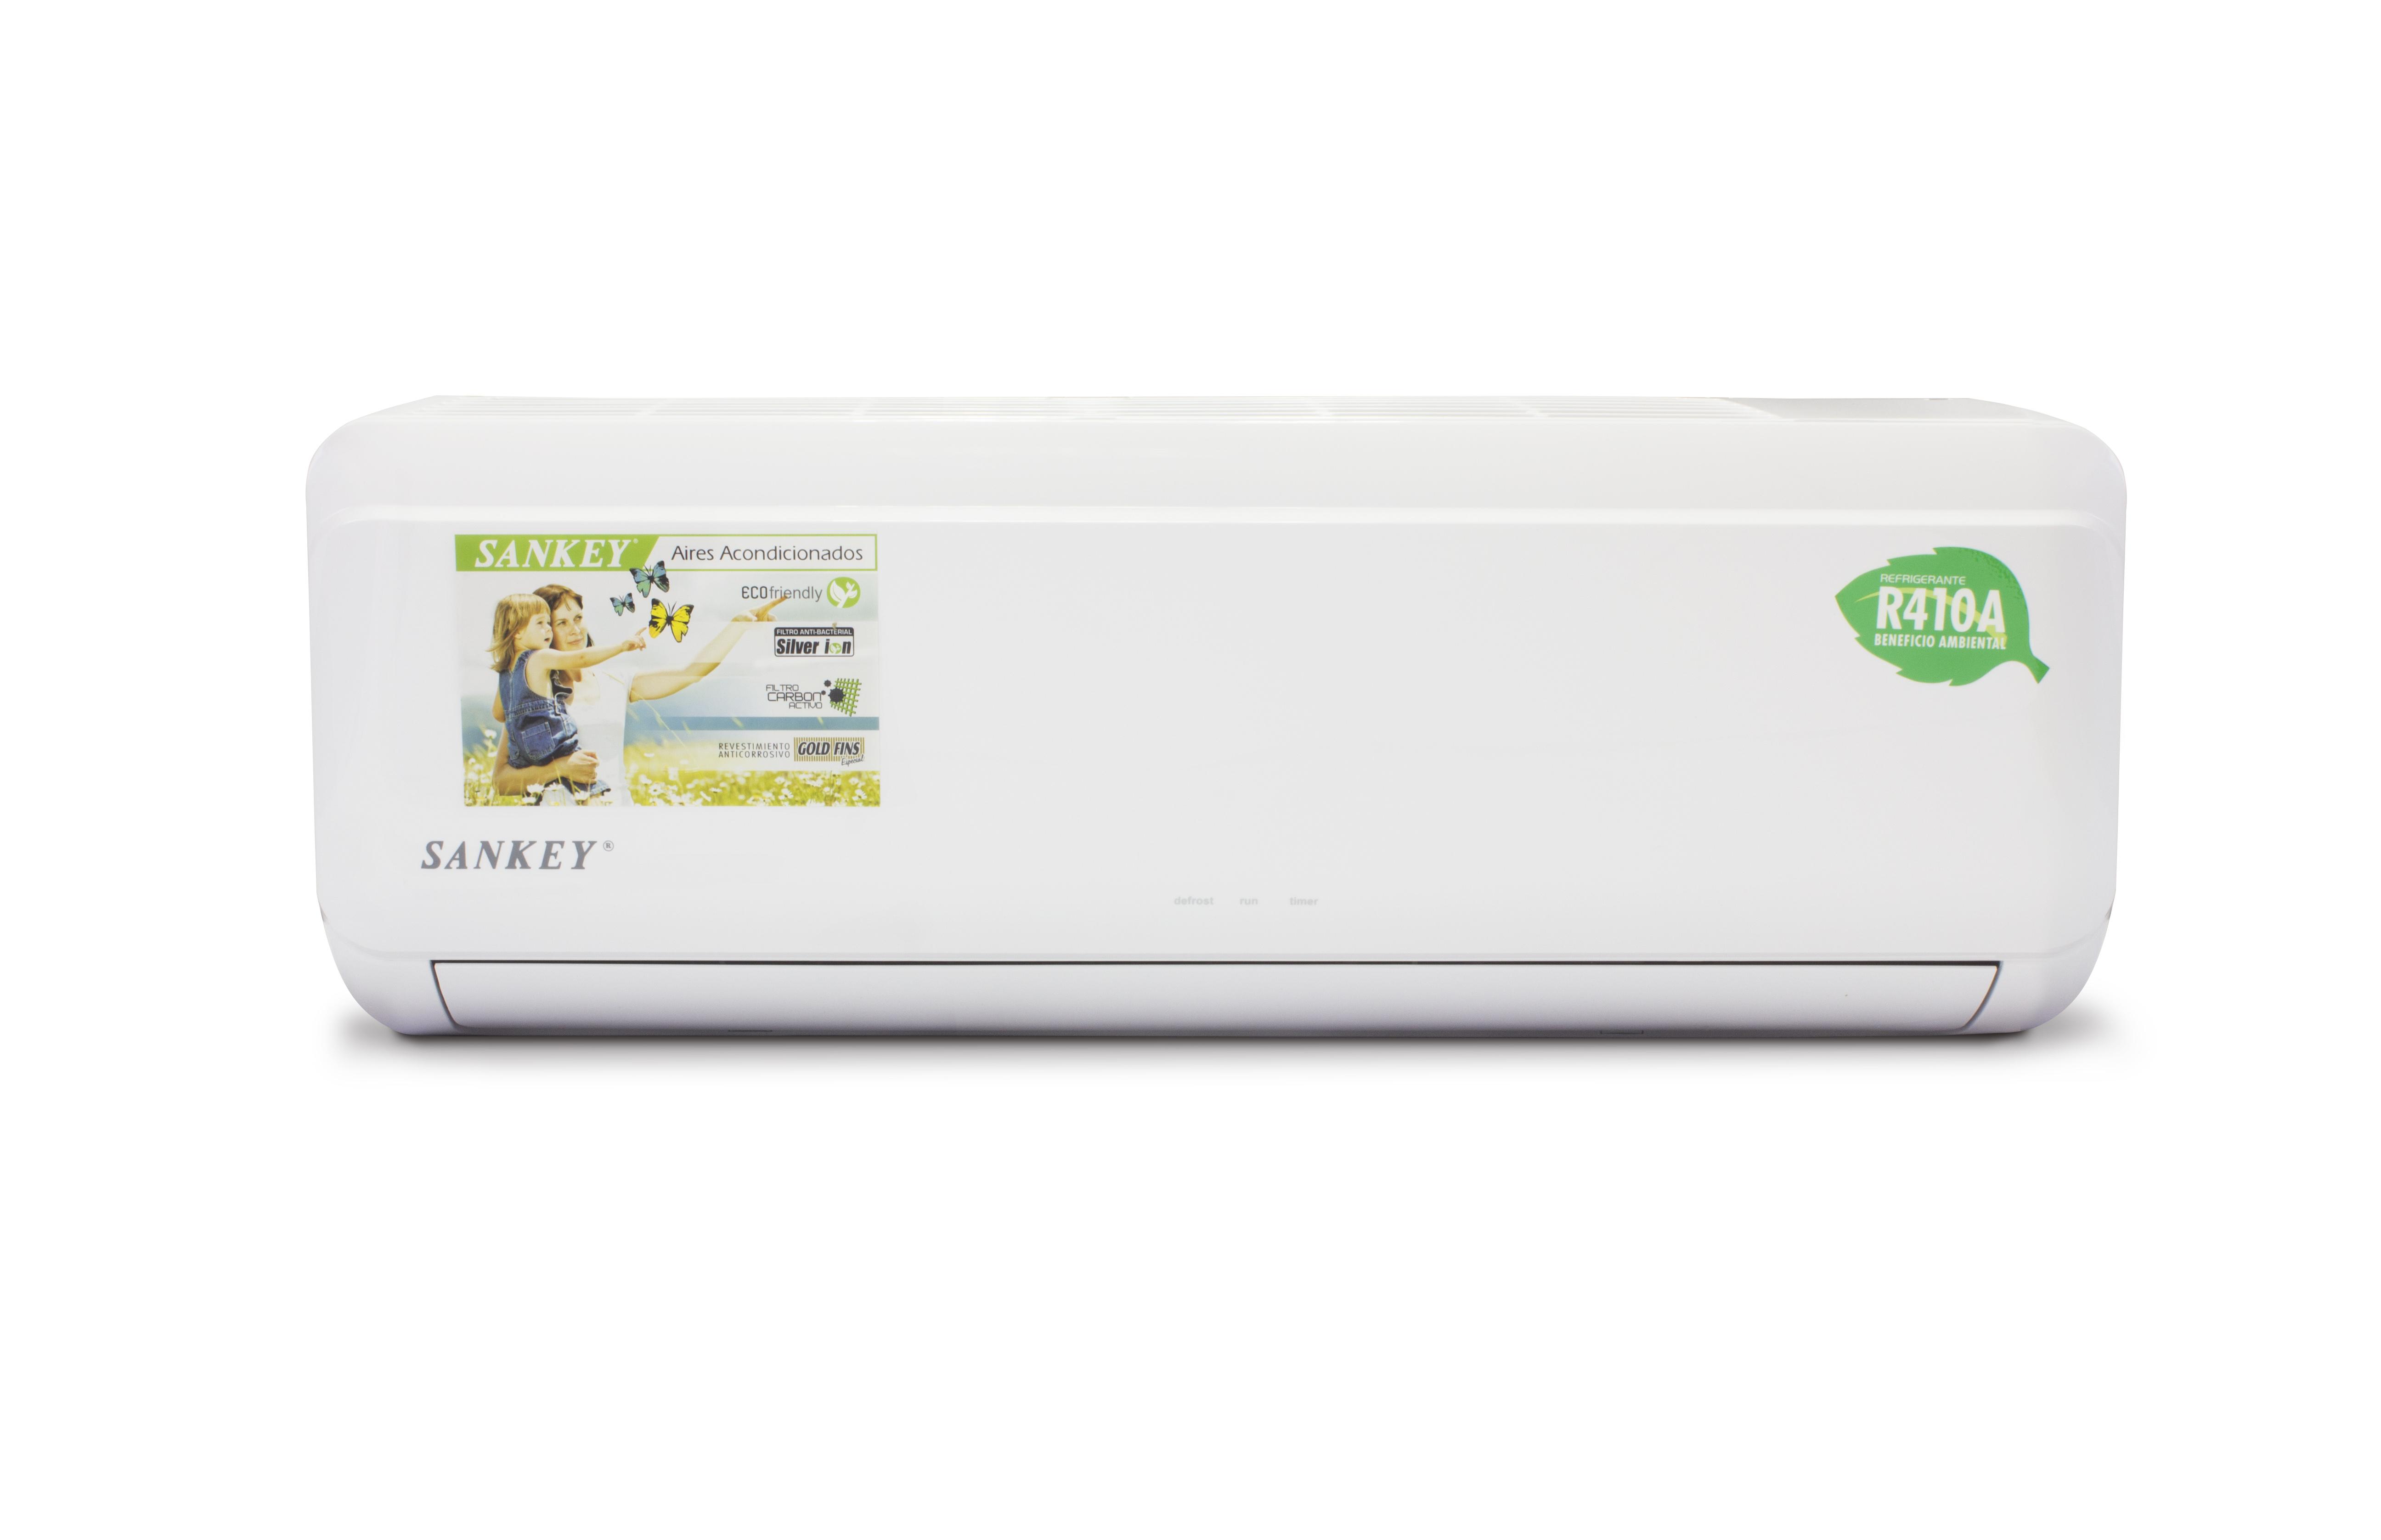 Almacenes rayco aire acondicionado split sankey es 9r410a1 for Temperatura de salida de aire acondicionado split